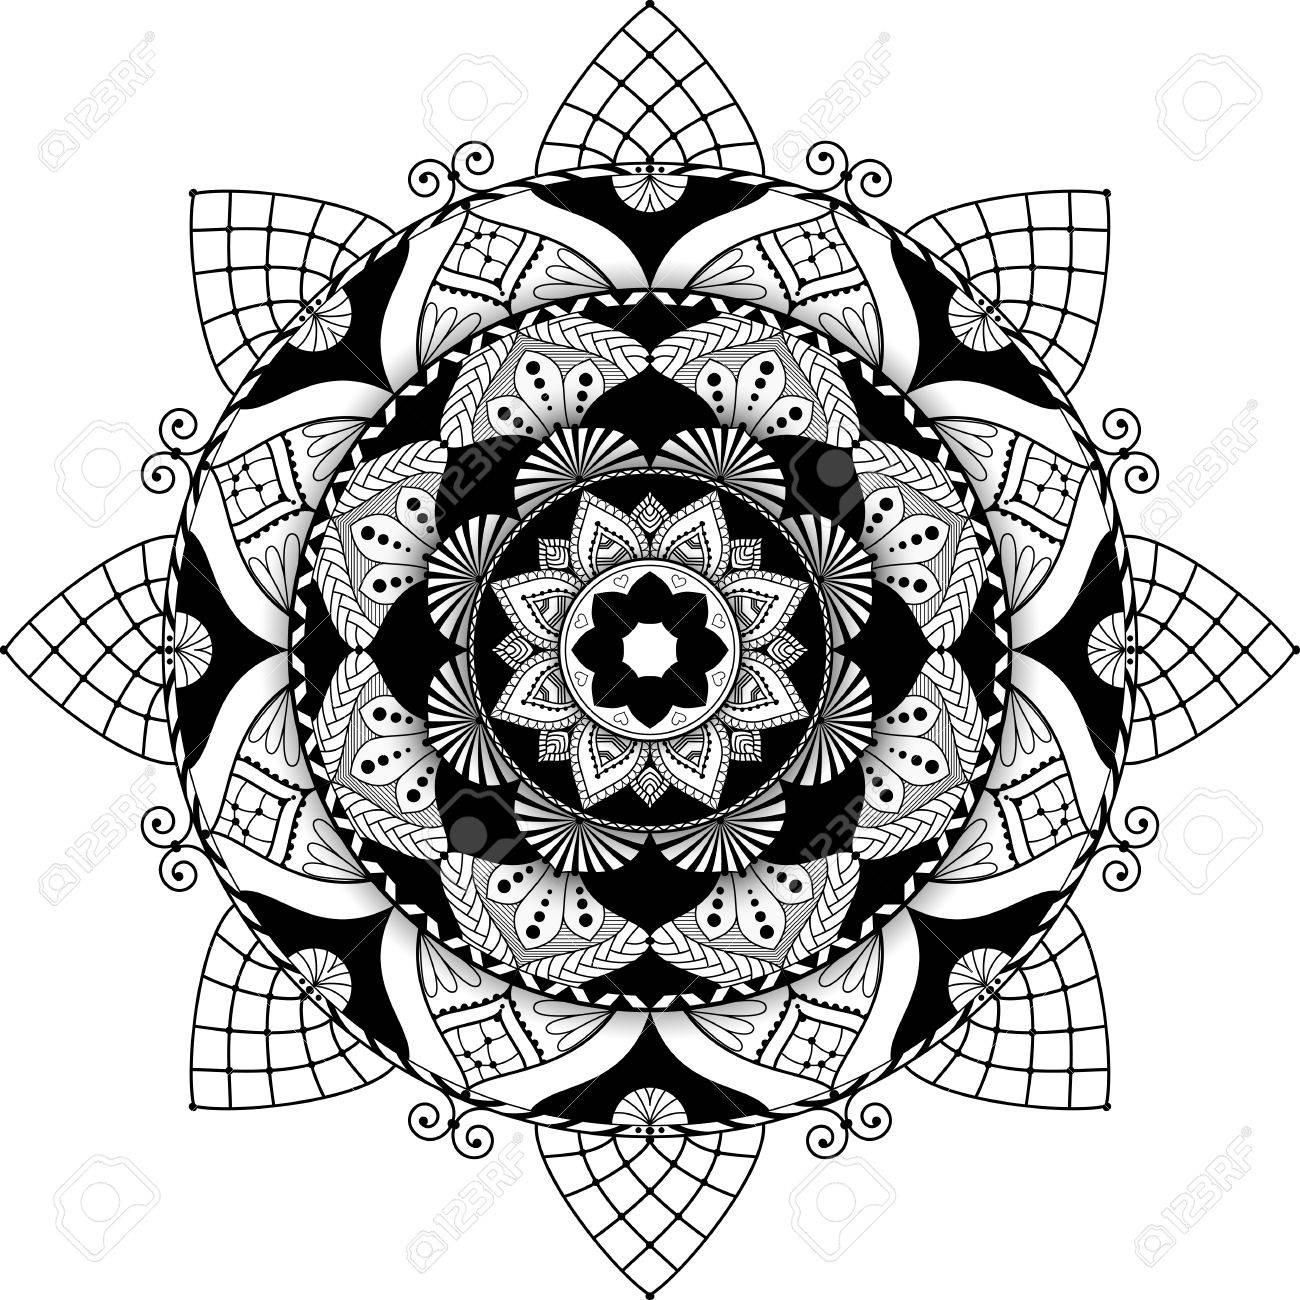 Mandala Ilustración Muy Detallada Antistress Blanco Y Negro Para Colorear Con Efecto 3d